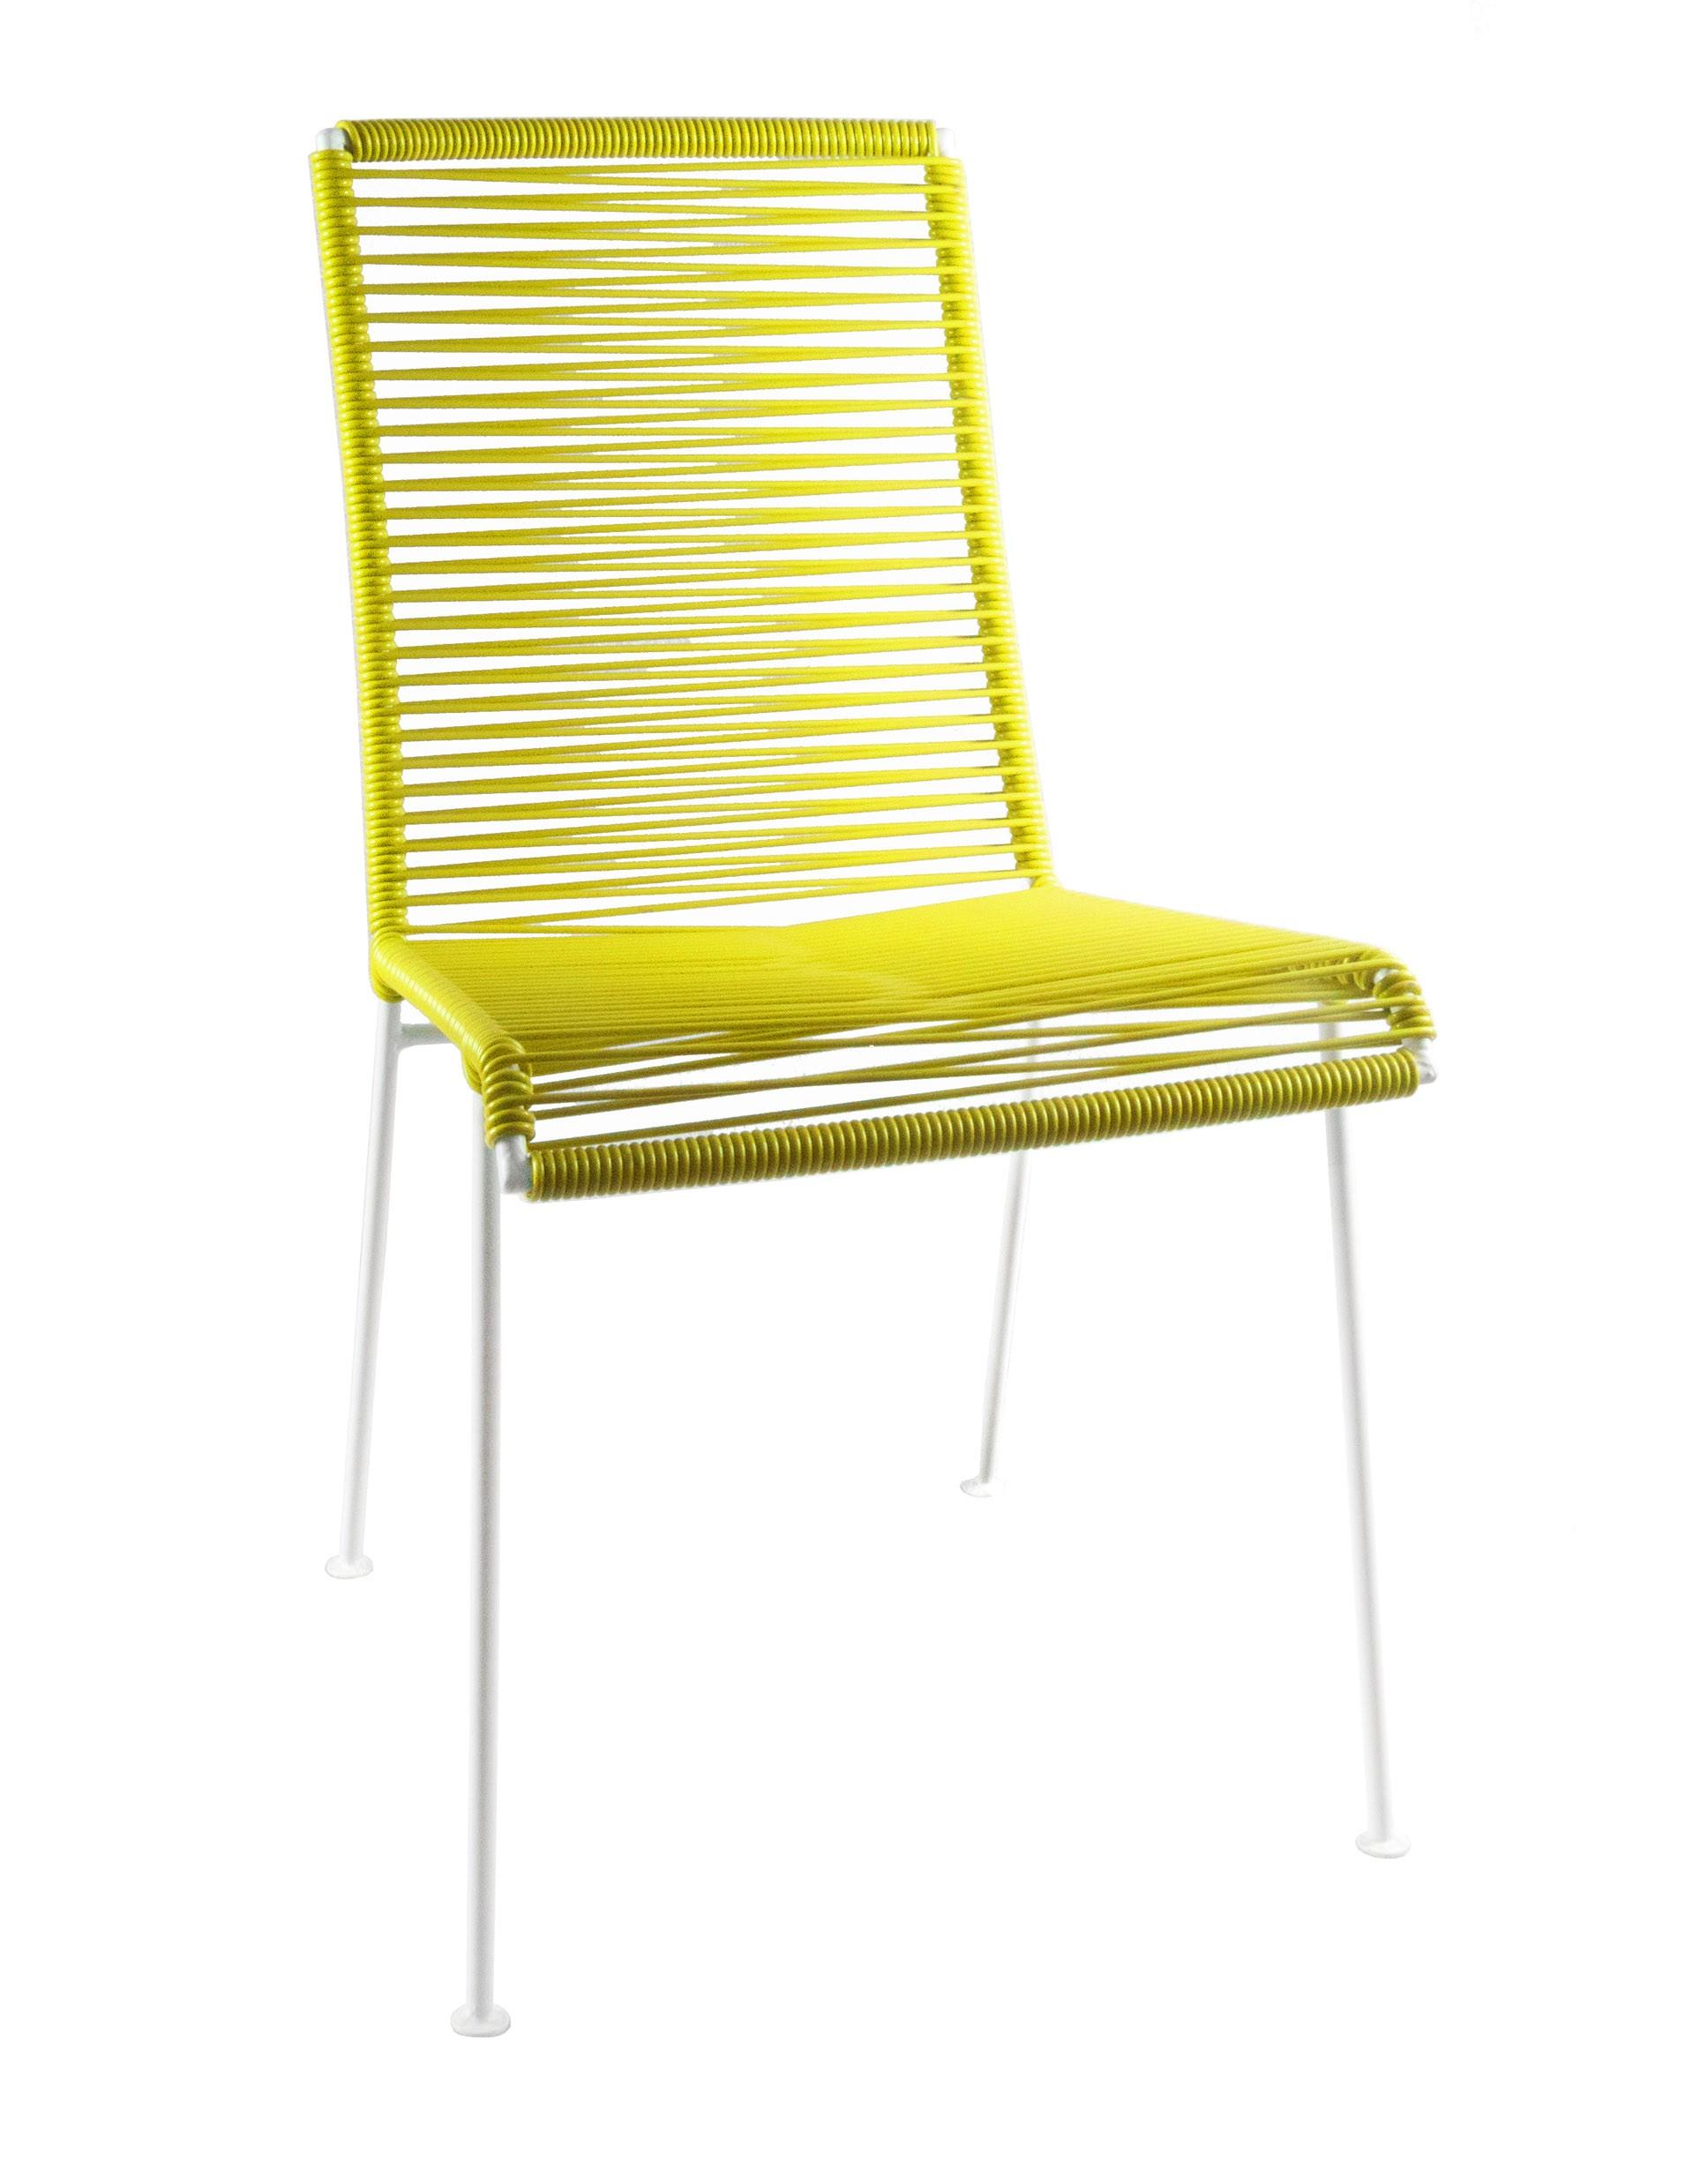 chaise mazunte de boqa avec structure blanche jaune moutarde. Black Bedroom Furniture Sets. Home Design Ideas